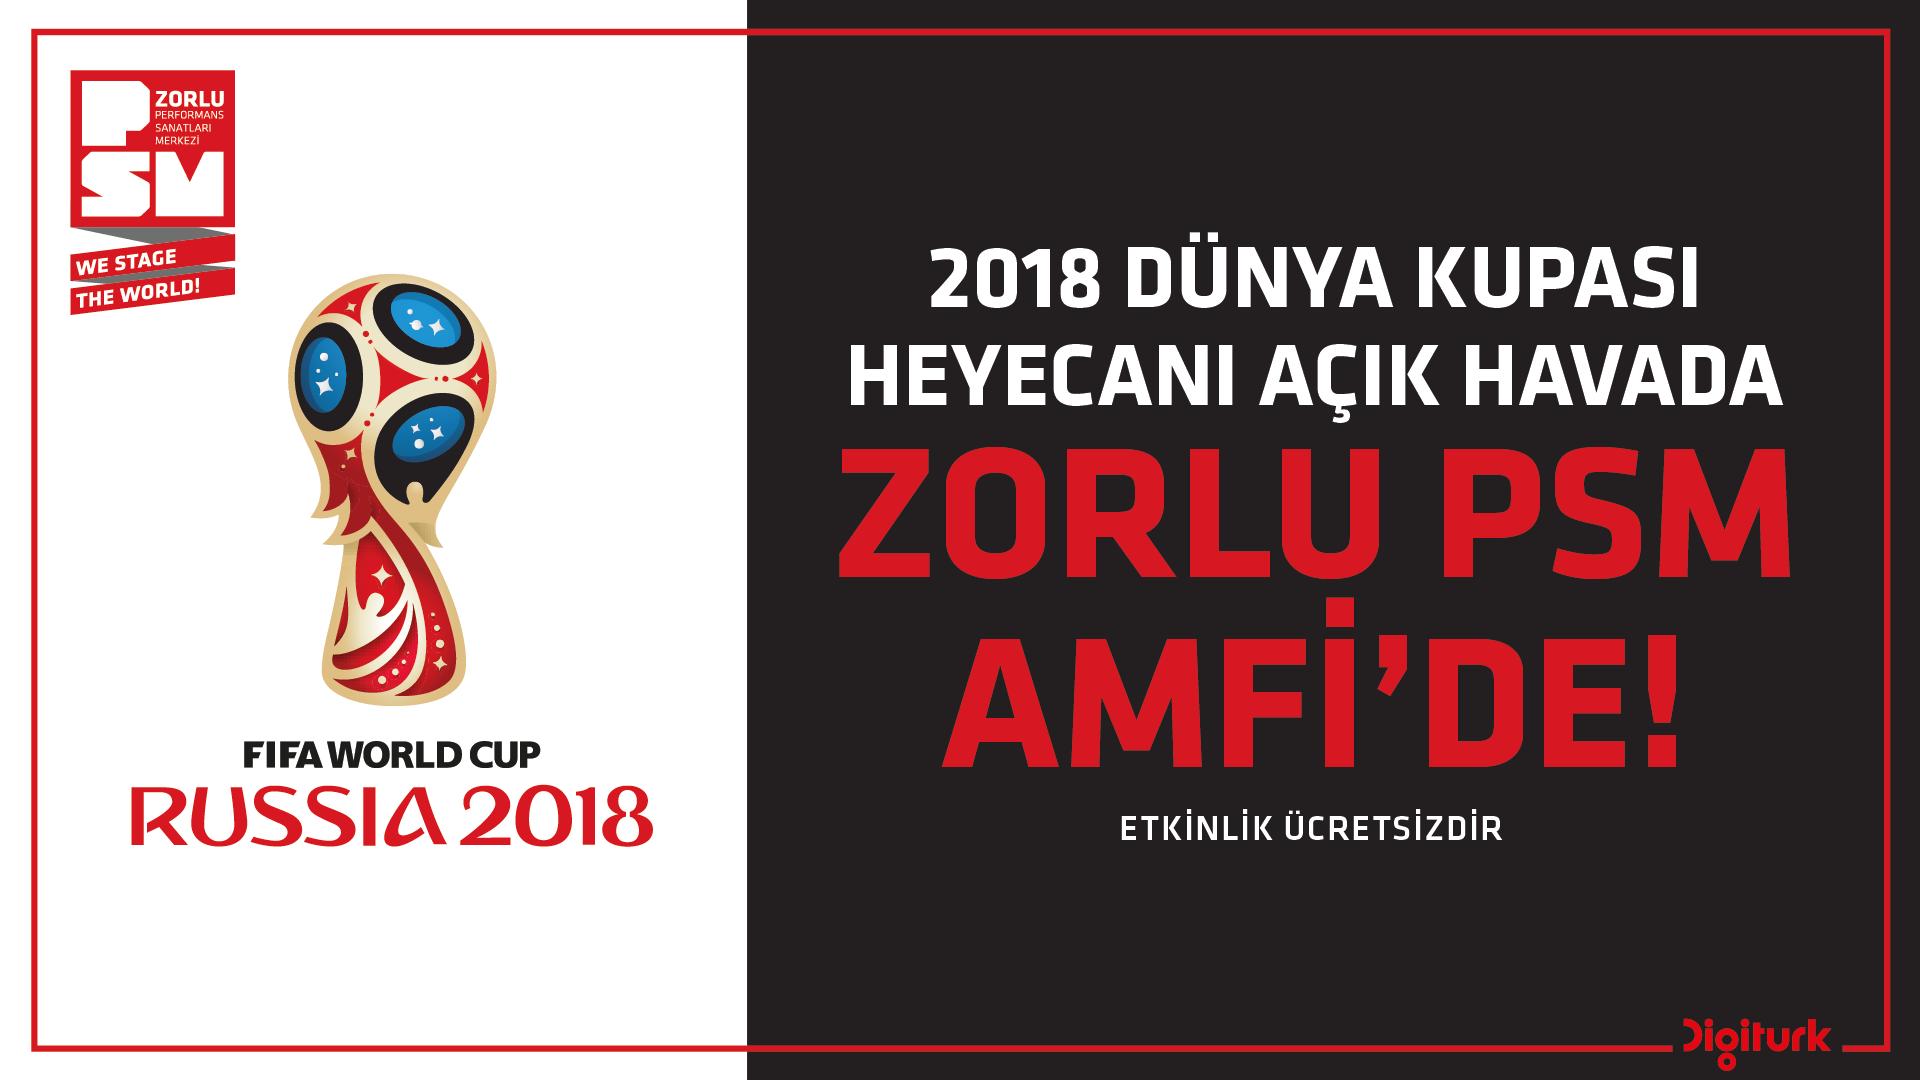 2018 FIFA Dünya Kupası'nda final heyecanı Zorlu PSM Amfi'de!